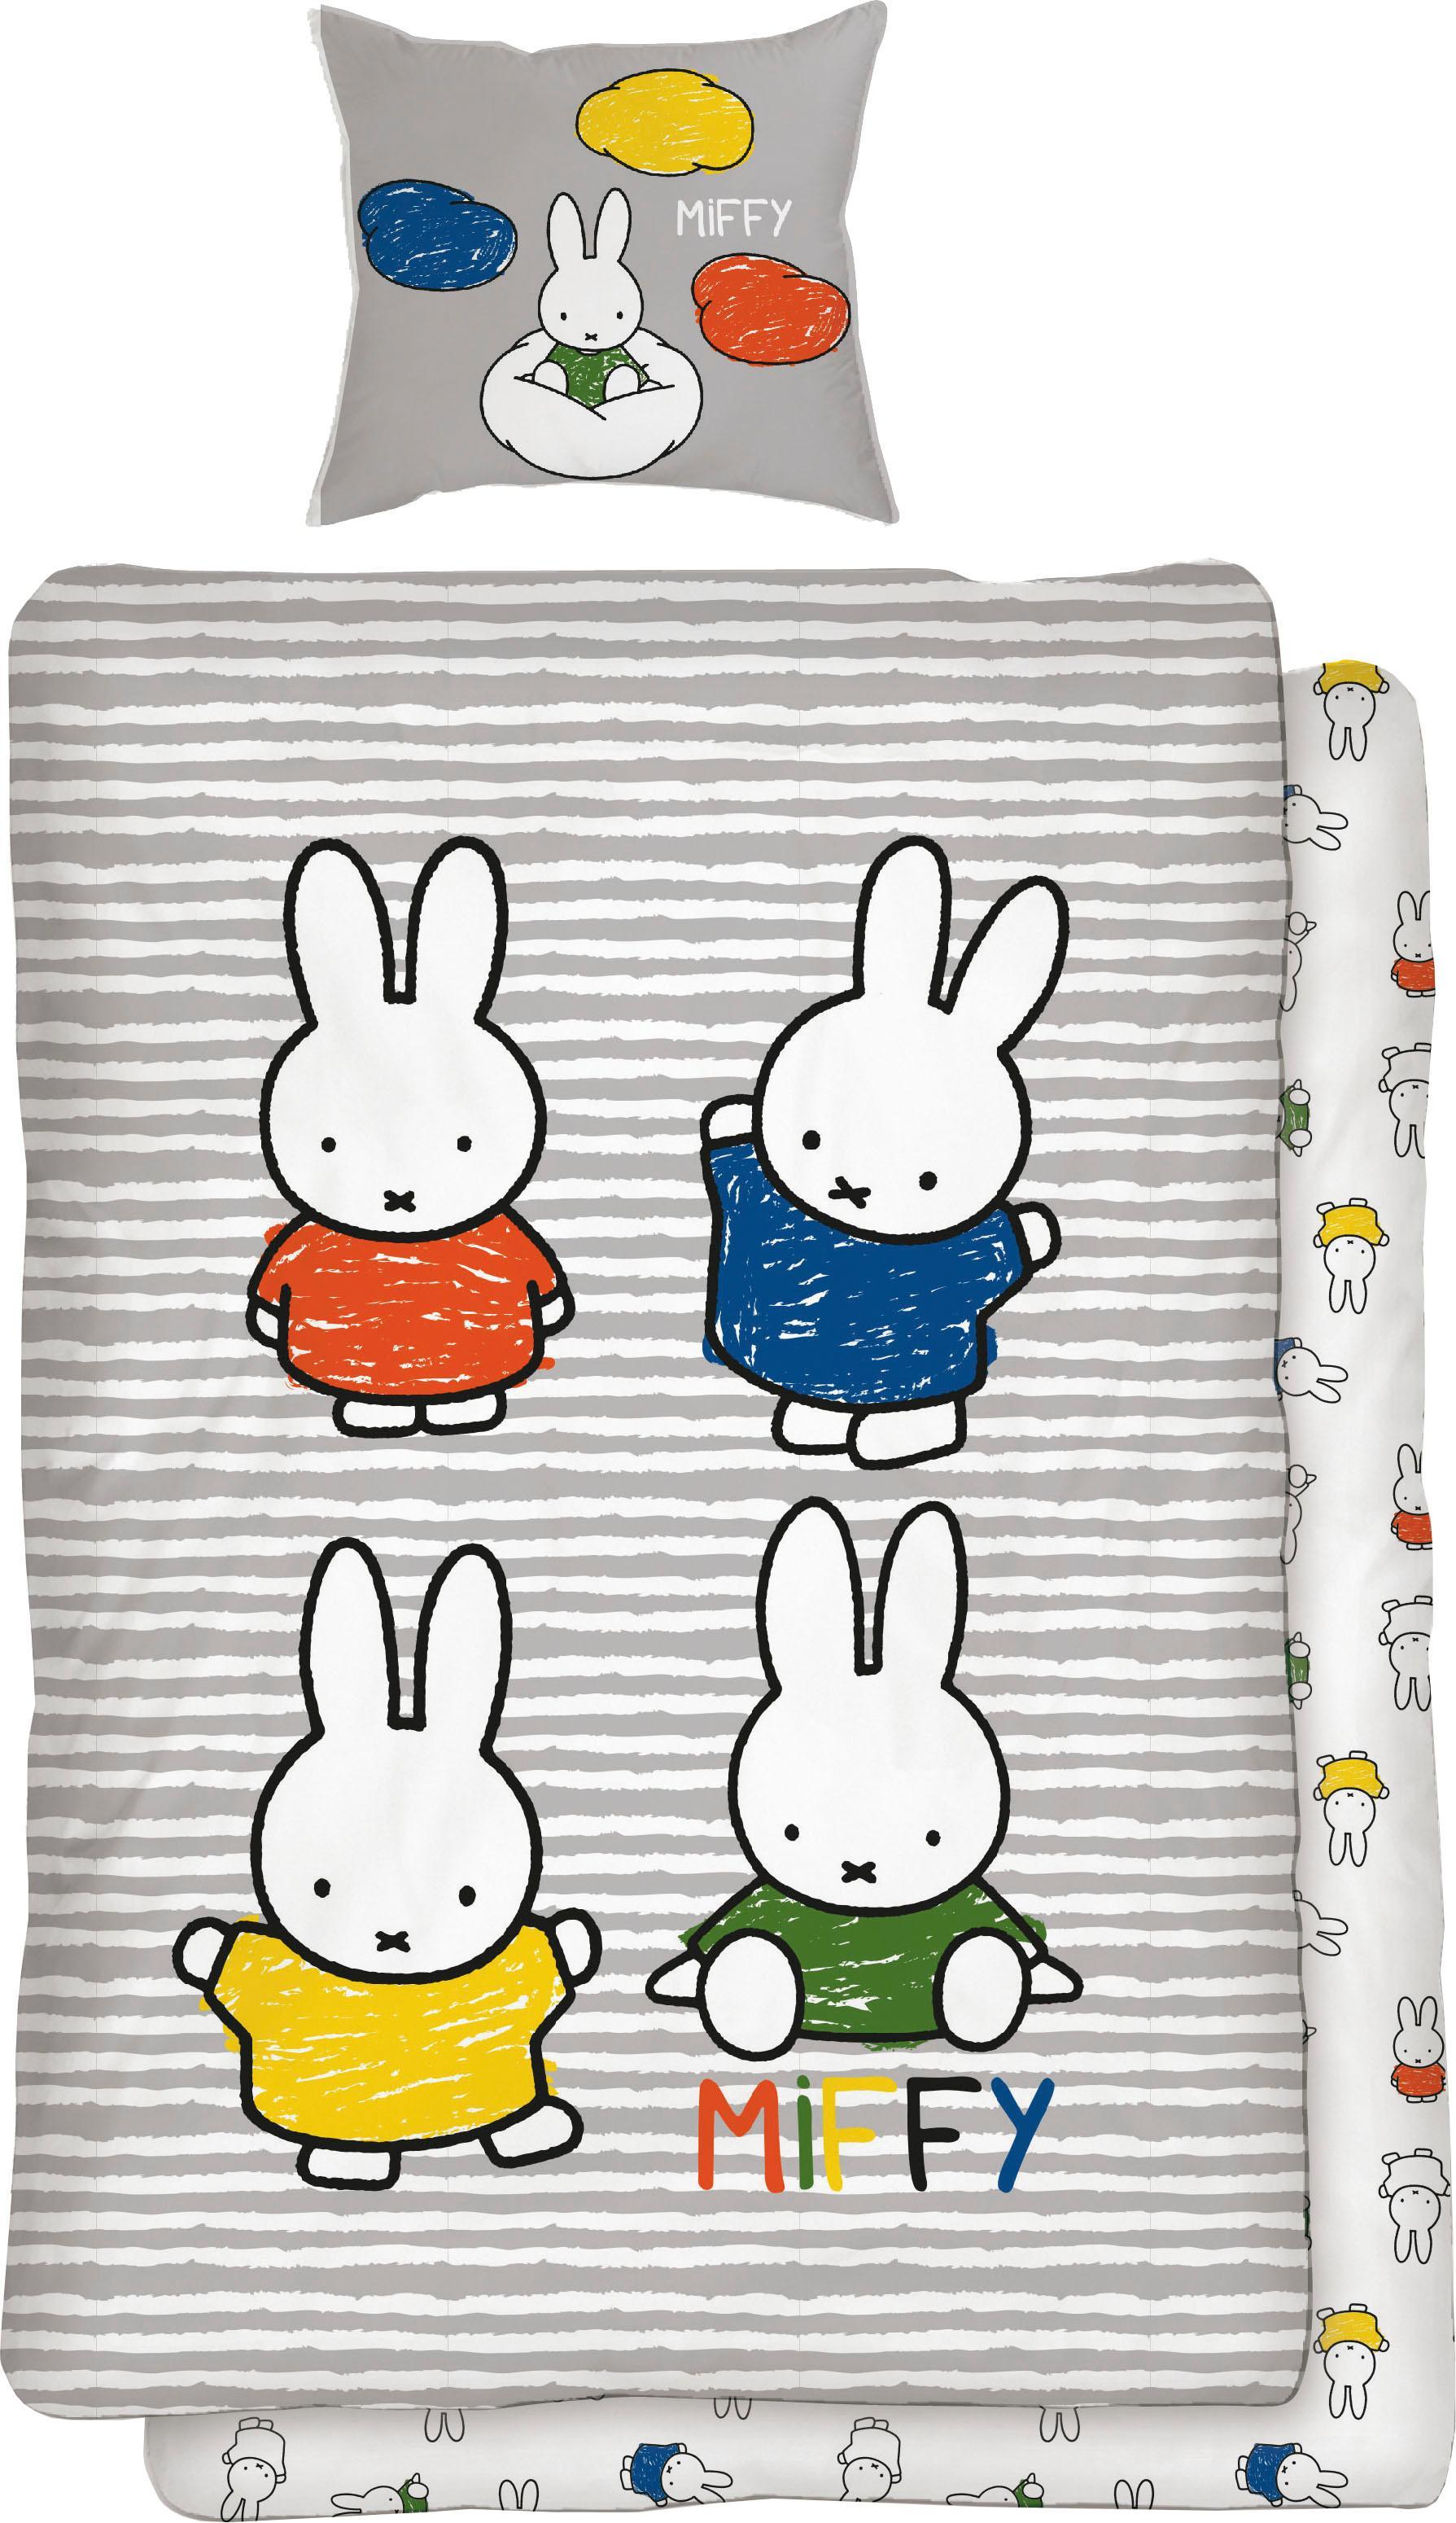 Kinderbettwäsche »Family Time« | Kinderzimmer > Textilien für Kinder > Kinderbettwäsche | Bunt | Baumwolle | QUELLE